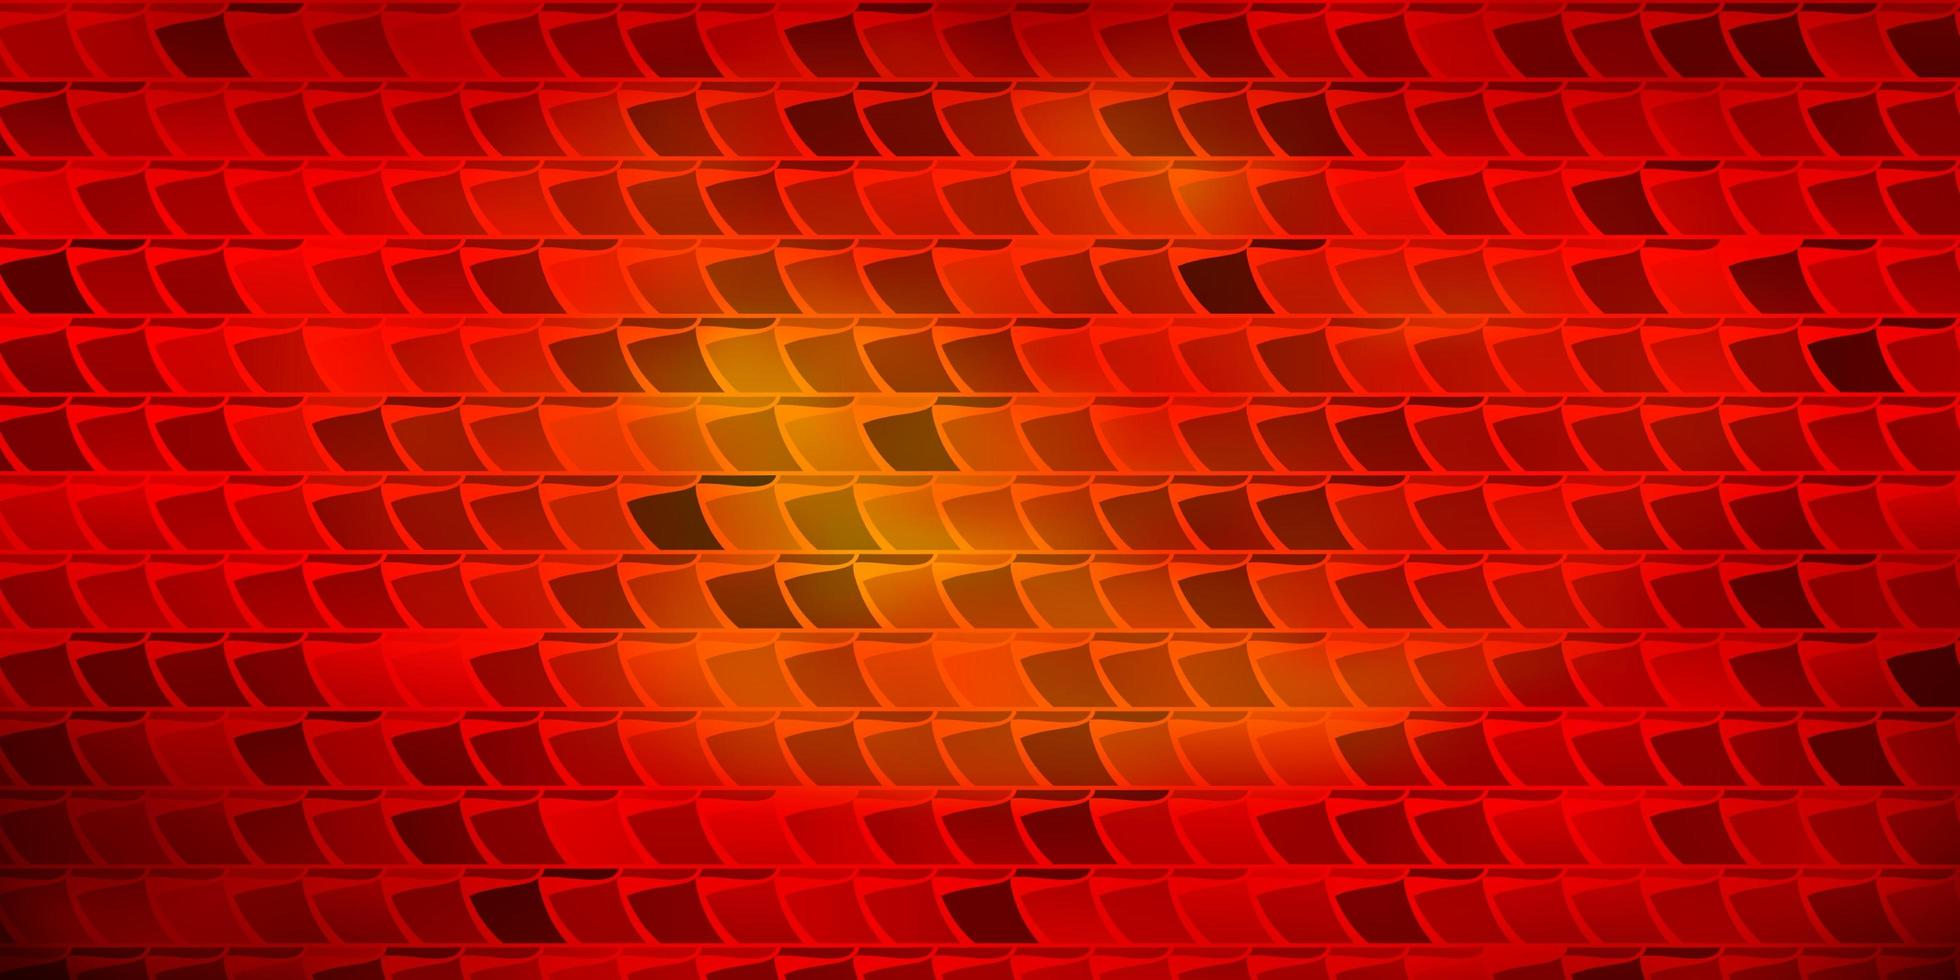 texture de vecteur rouge foncé dans un style rectangulaire